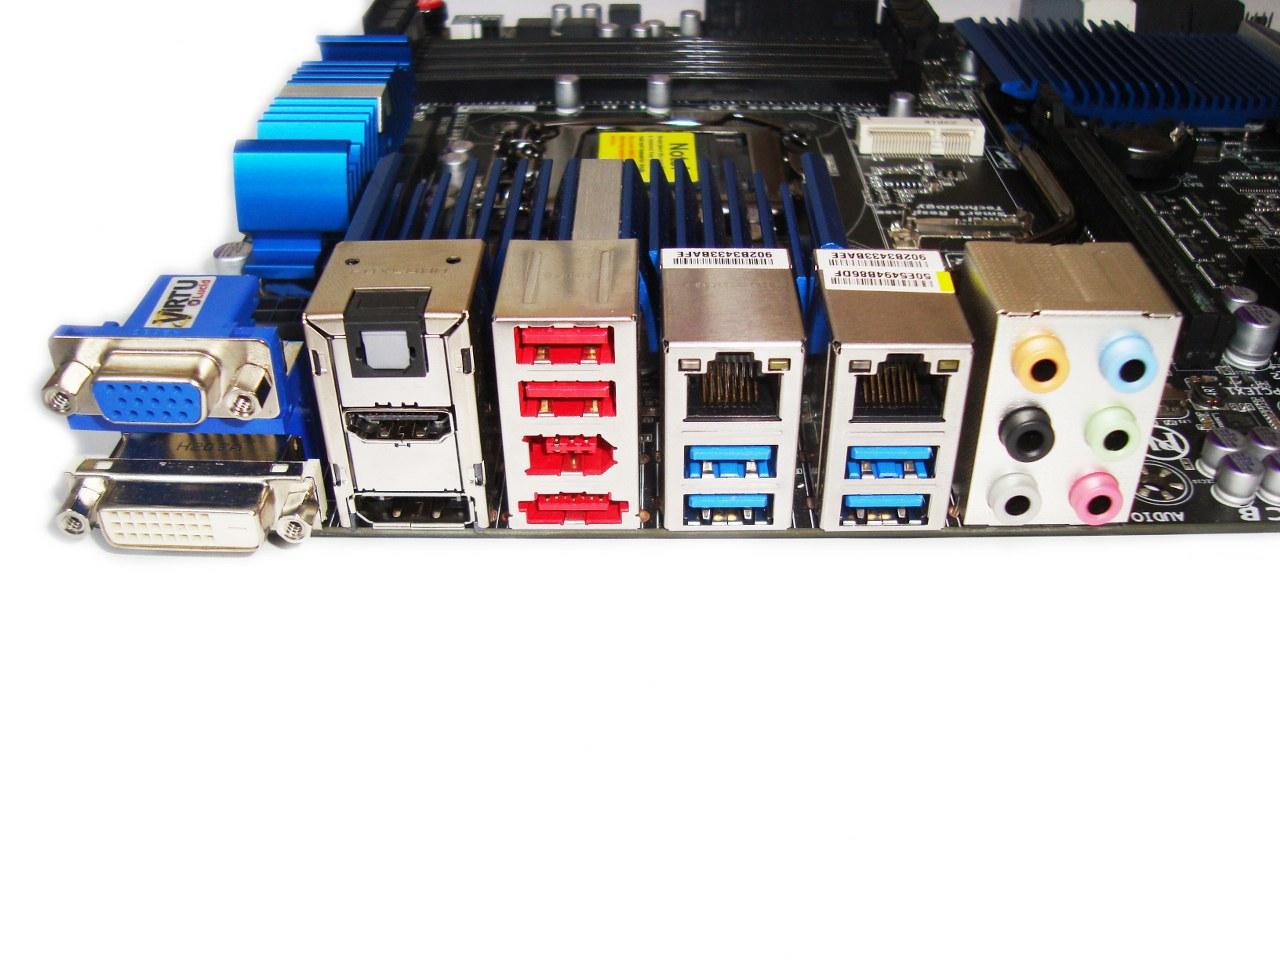 Gigabyte Z77X-UD5H-WB WIFI, złącza